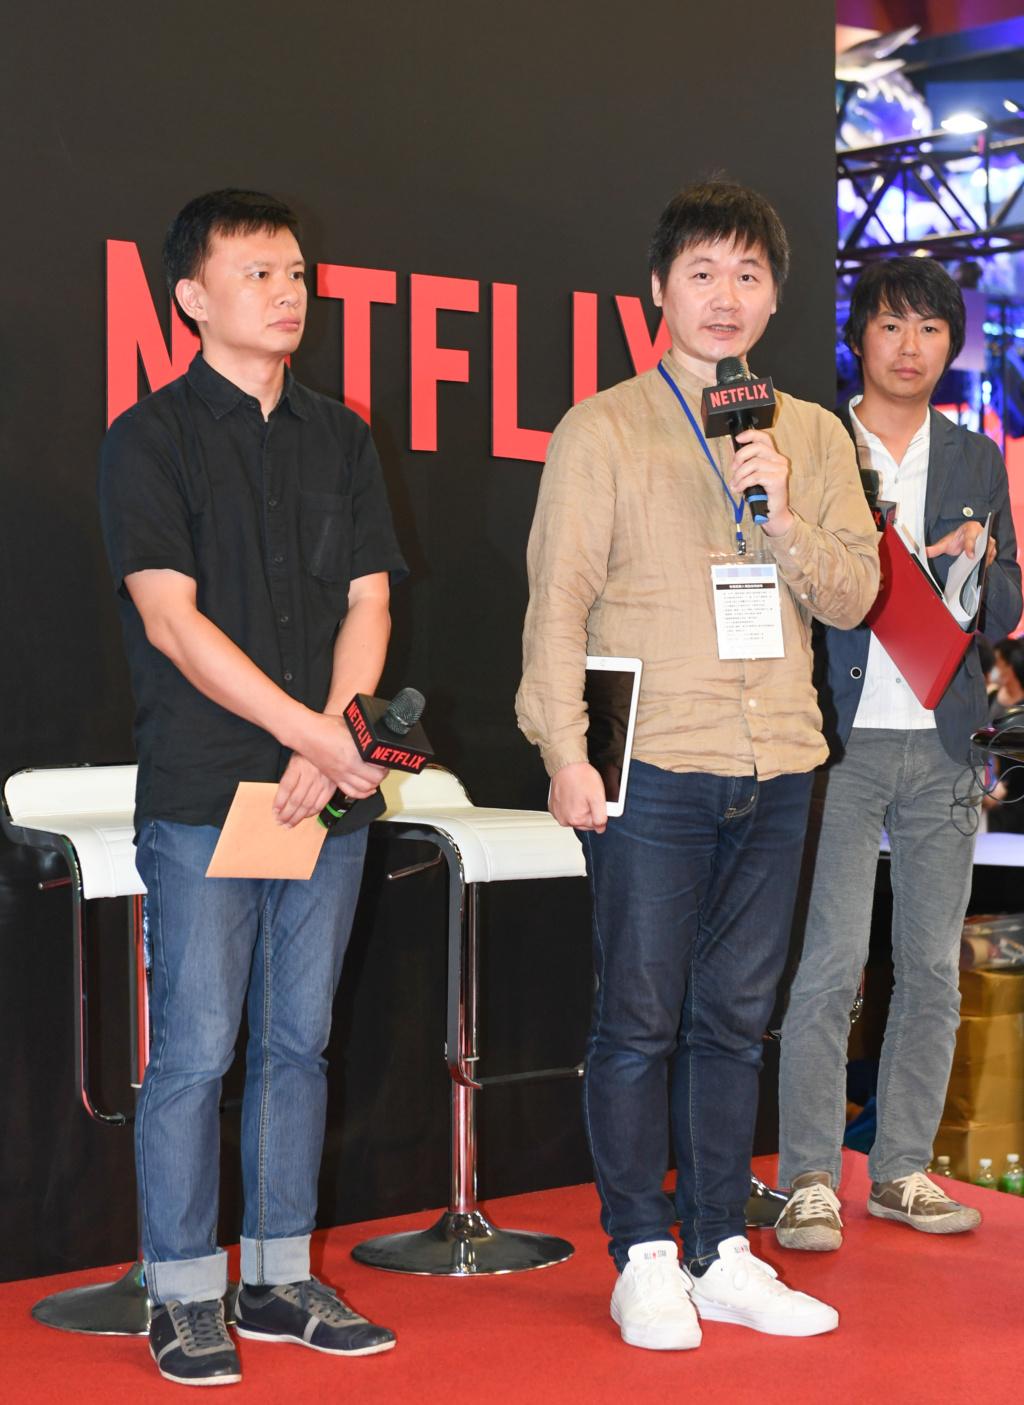 Netflix 攜手台灣西基動畫、五號影像打造全球動漫新勢力  並宣布首部由台灣團隊主導的原創動畫《伊甸》將於2020年全球問世 Taipei16